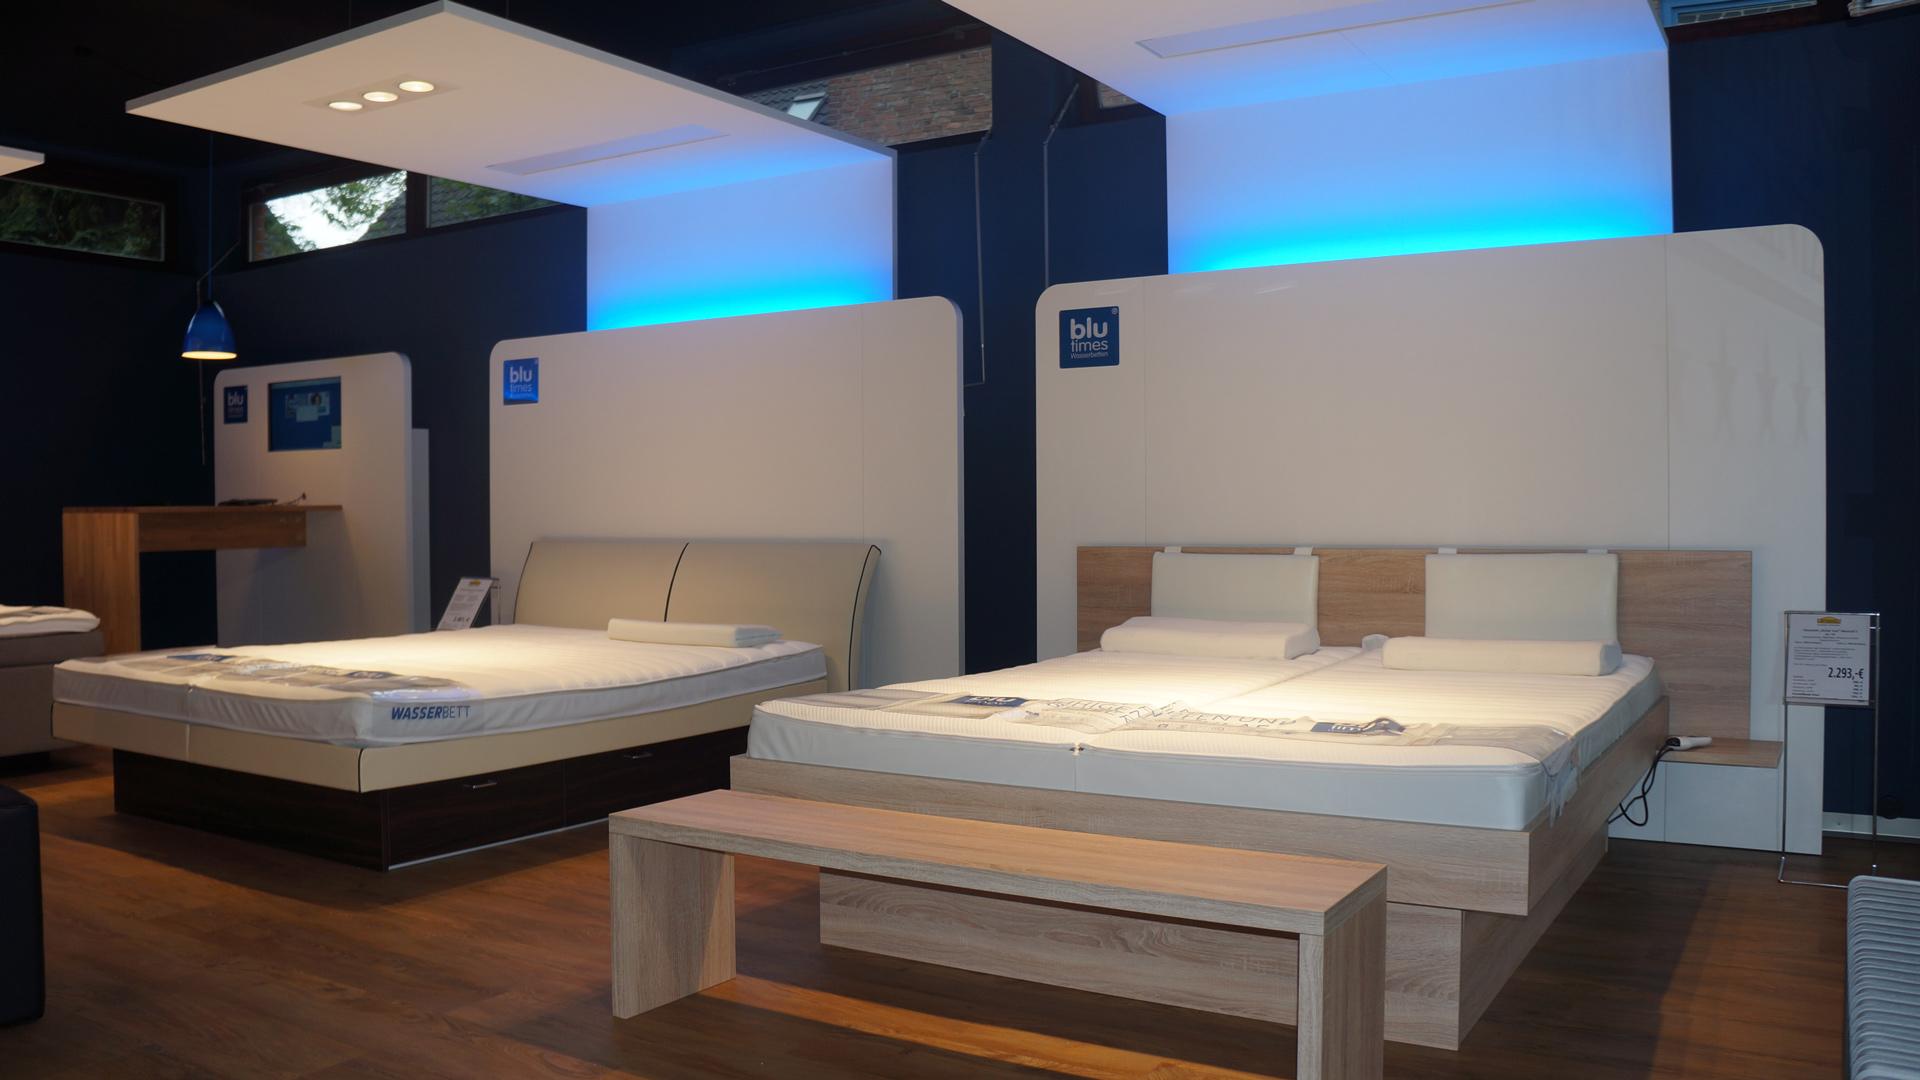 Warum ein Wasserbett - Bettenhaus Uwe Heintzen